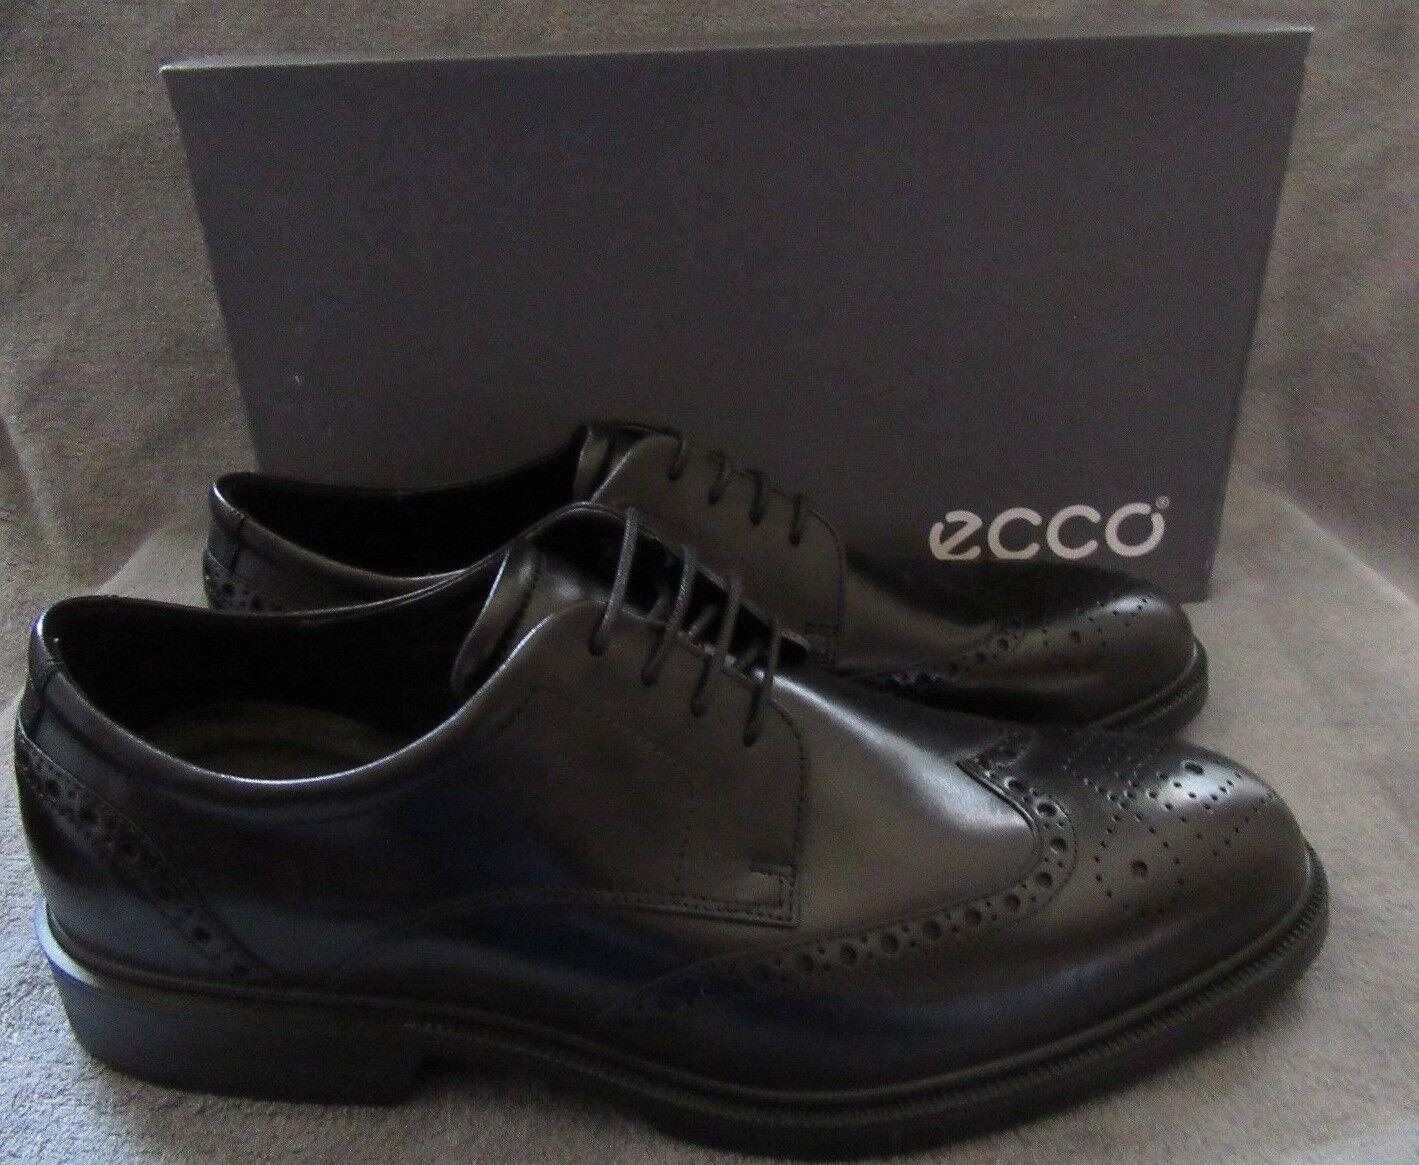 ECCO Uomo Lisbon Brogue Tie 11 Amber Cow Pelle Shoes US 11 Tie - 11.5 M EUR 45 NWB 92e5b5